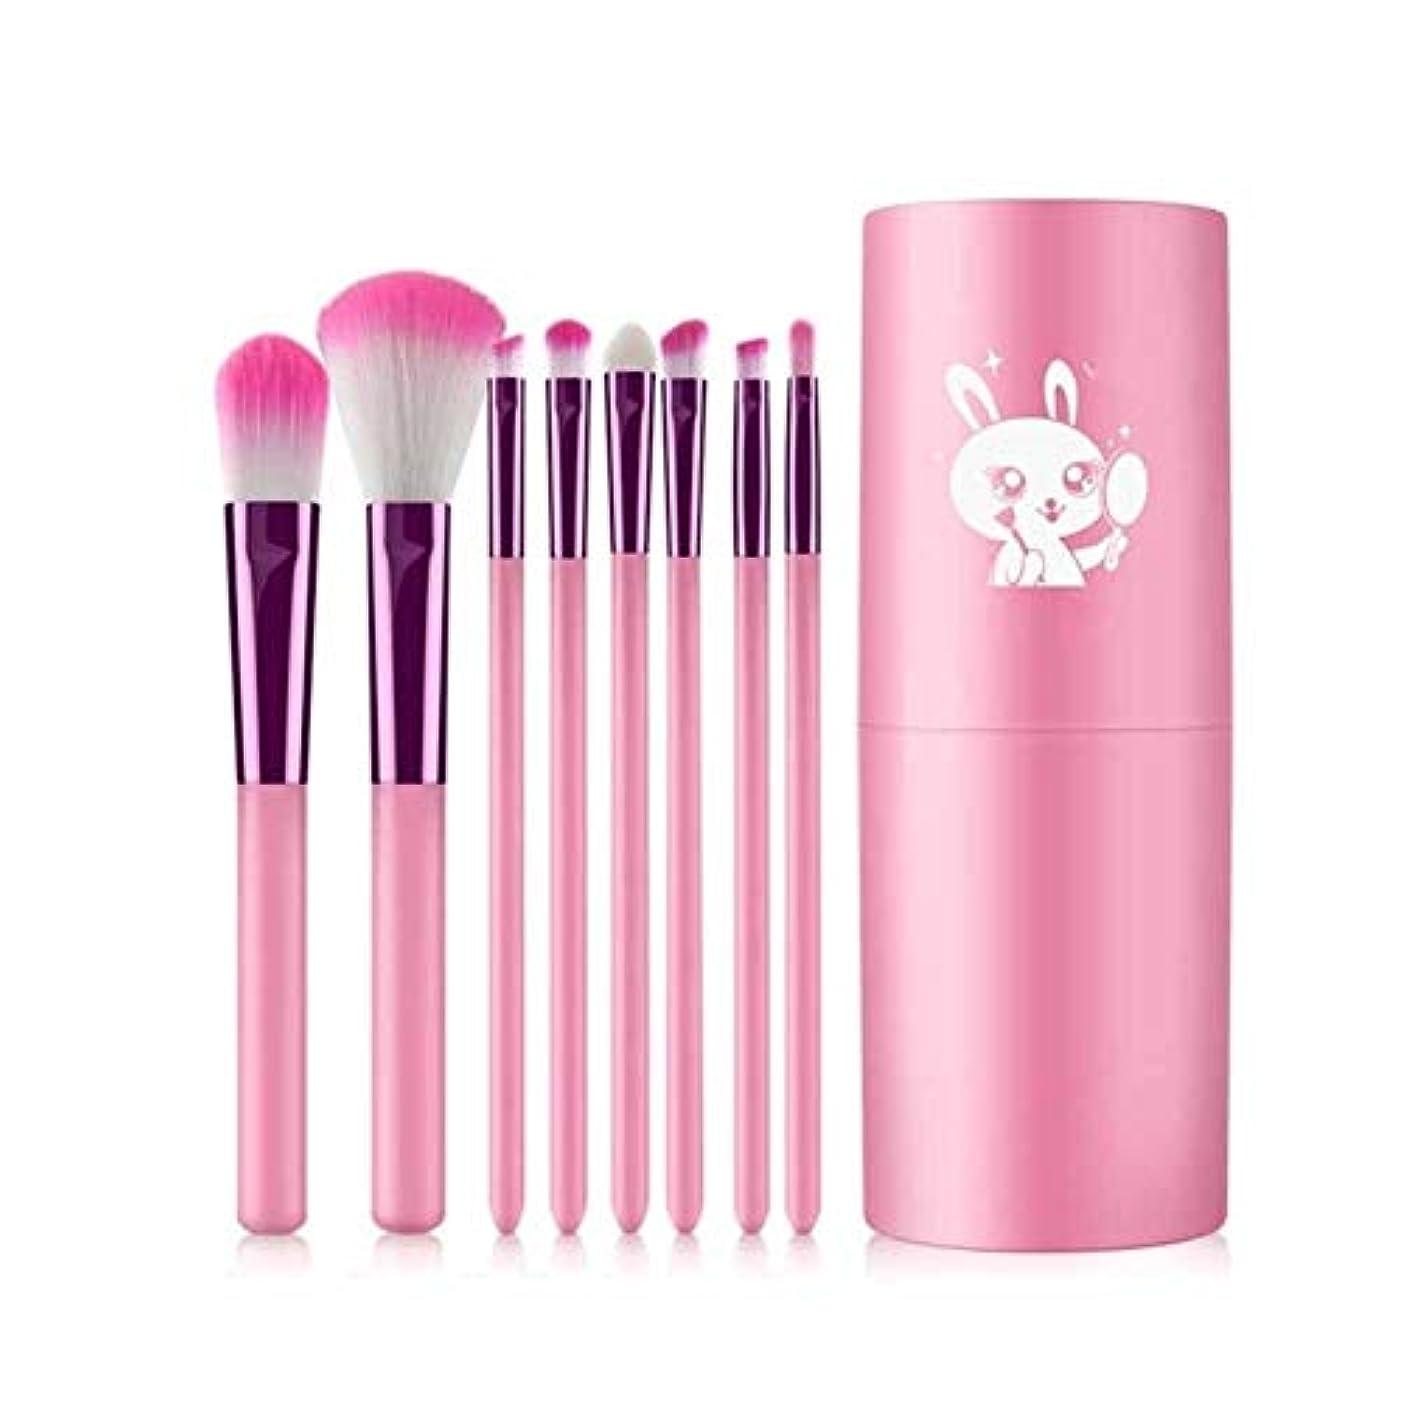 爆発許される抗生物質XIAOCHAOSD メイクブラシ、ファイバーソフトヘアーメイクブラシ、シリンダーセットメイクツール、ブラッシュブラシアイシャドウブラシメイクブラシ、8パック、ピンク (Color : Pink)